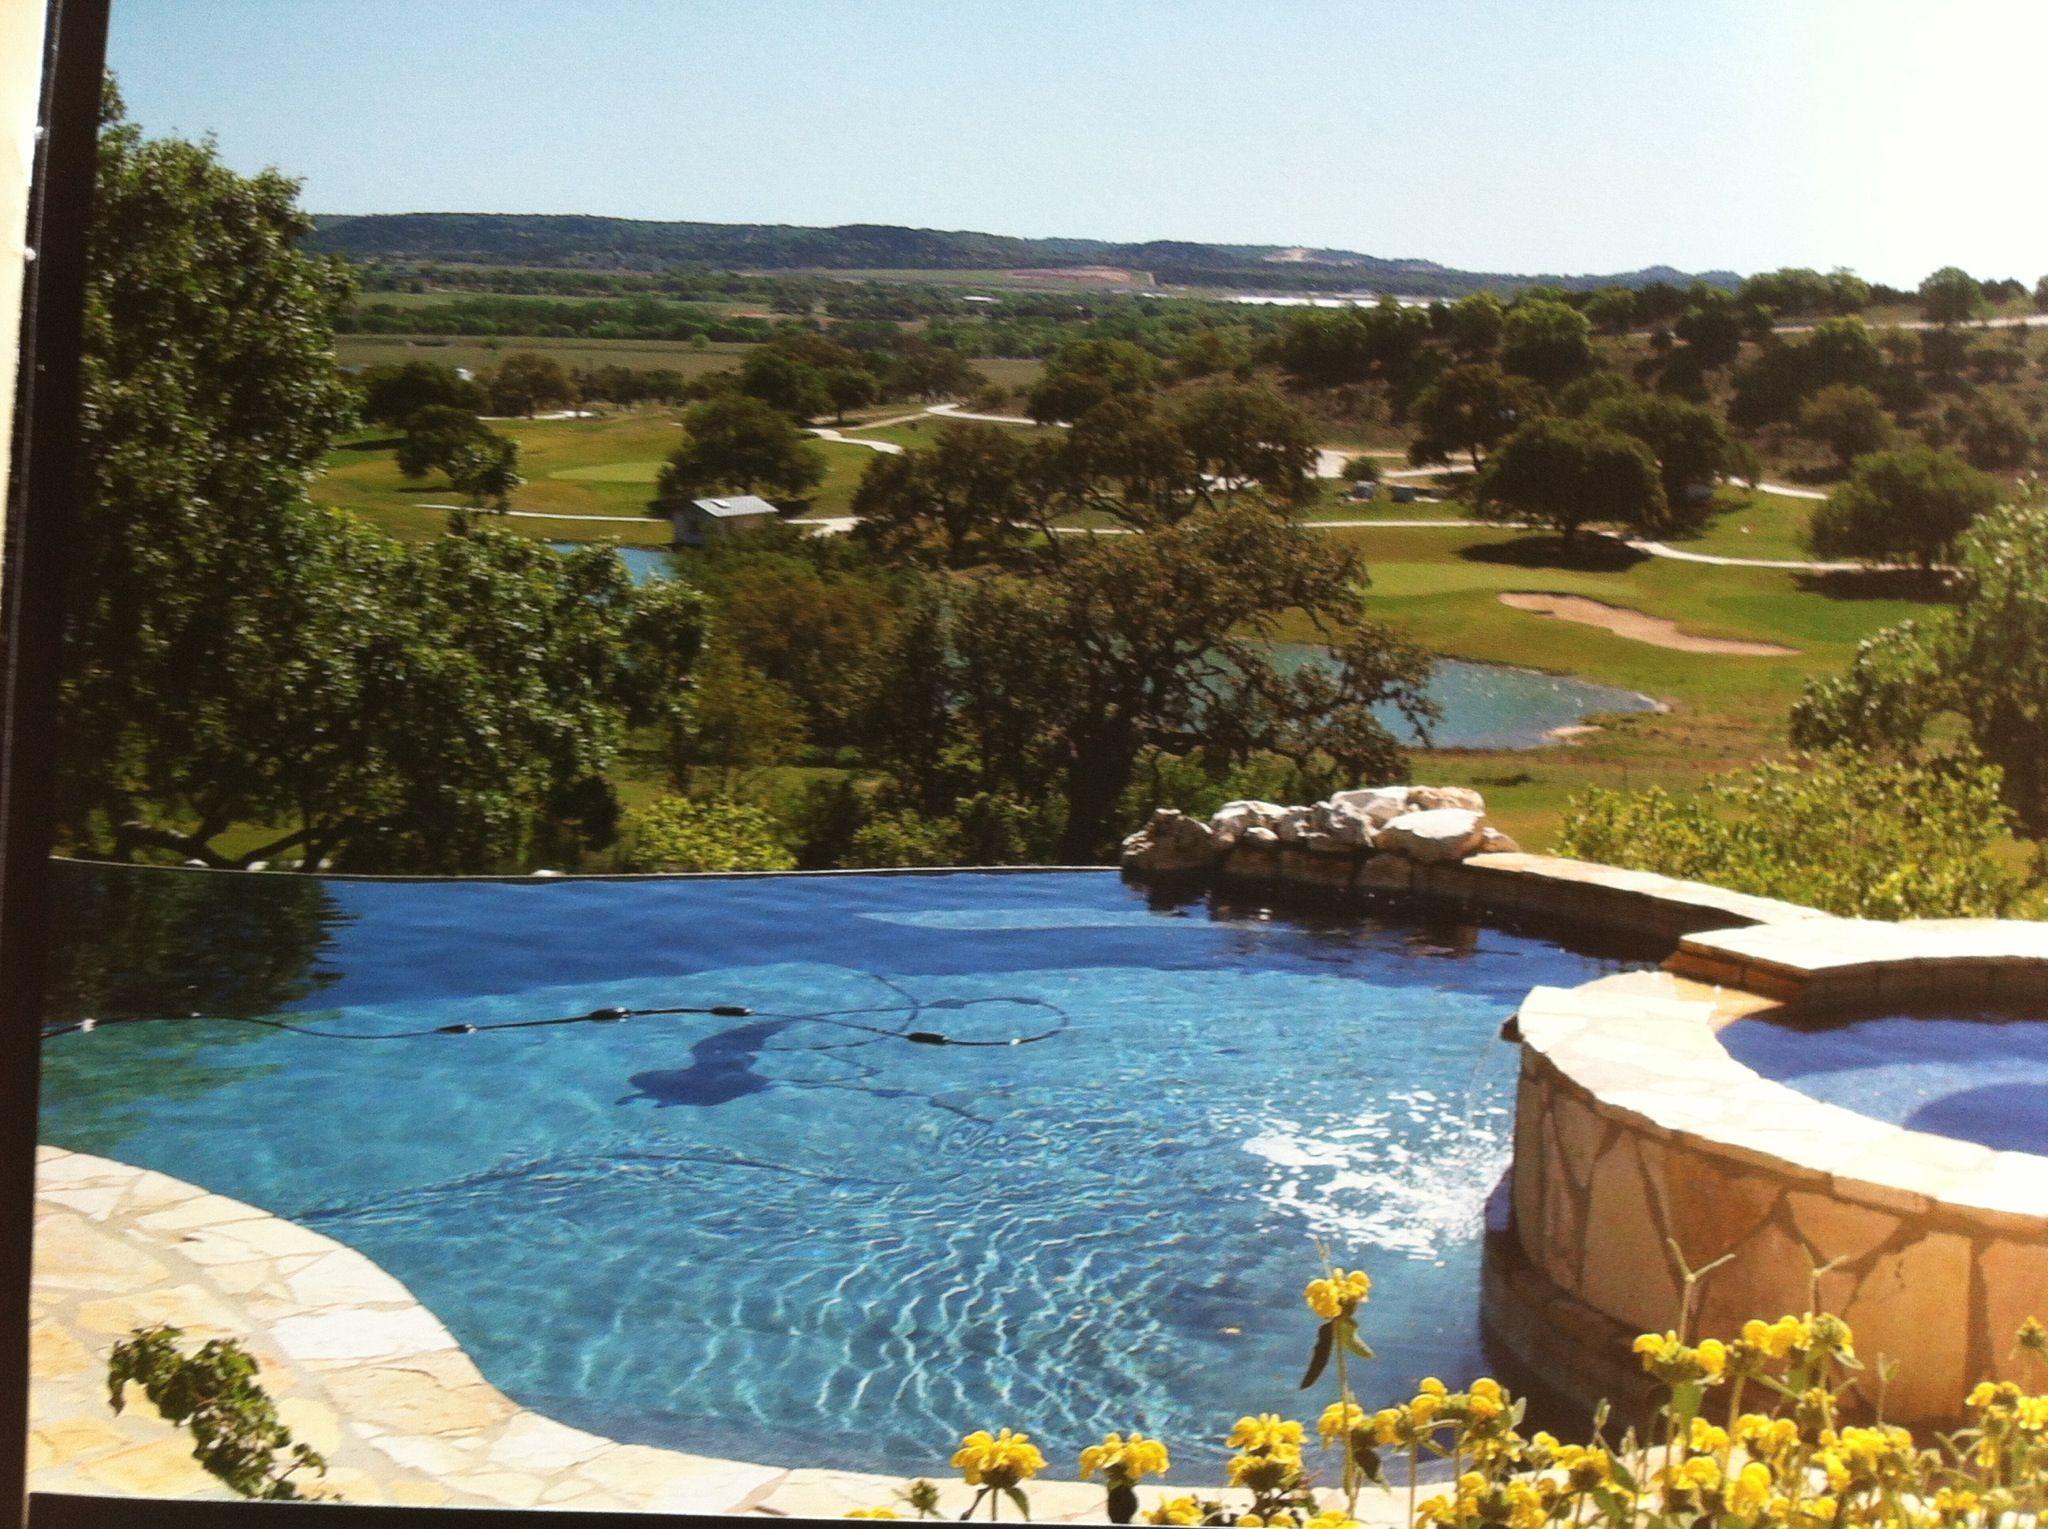 Hillside pool outdoor living pinterest for Hillside pool ideas